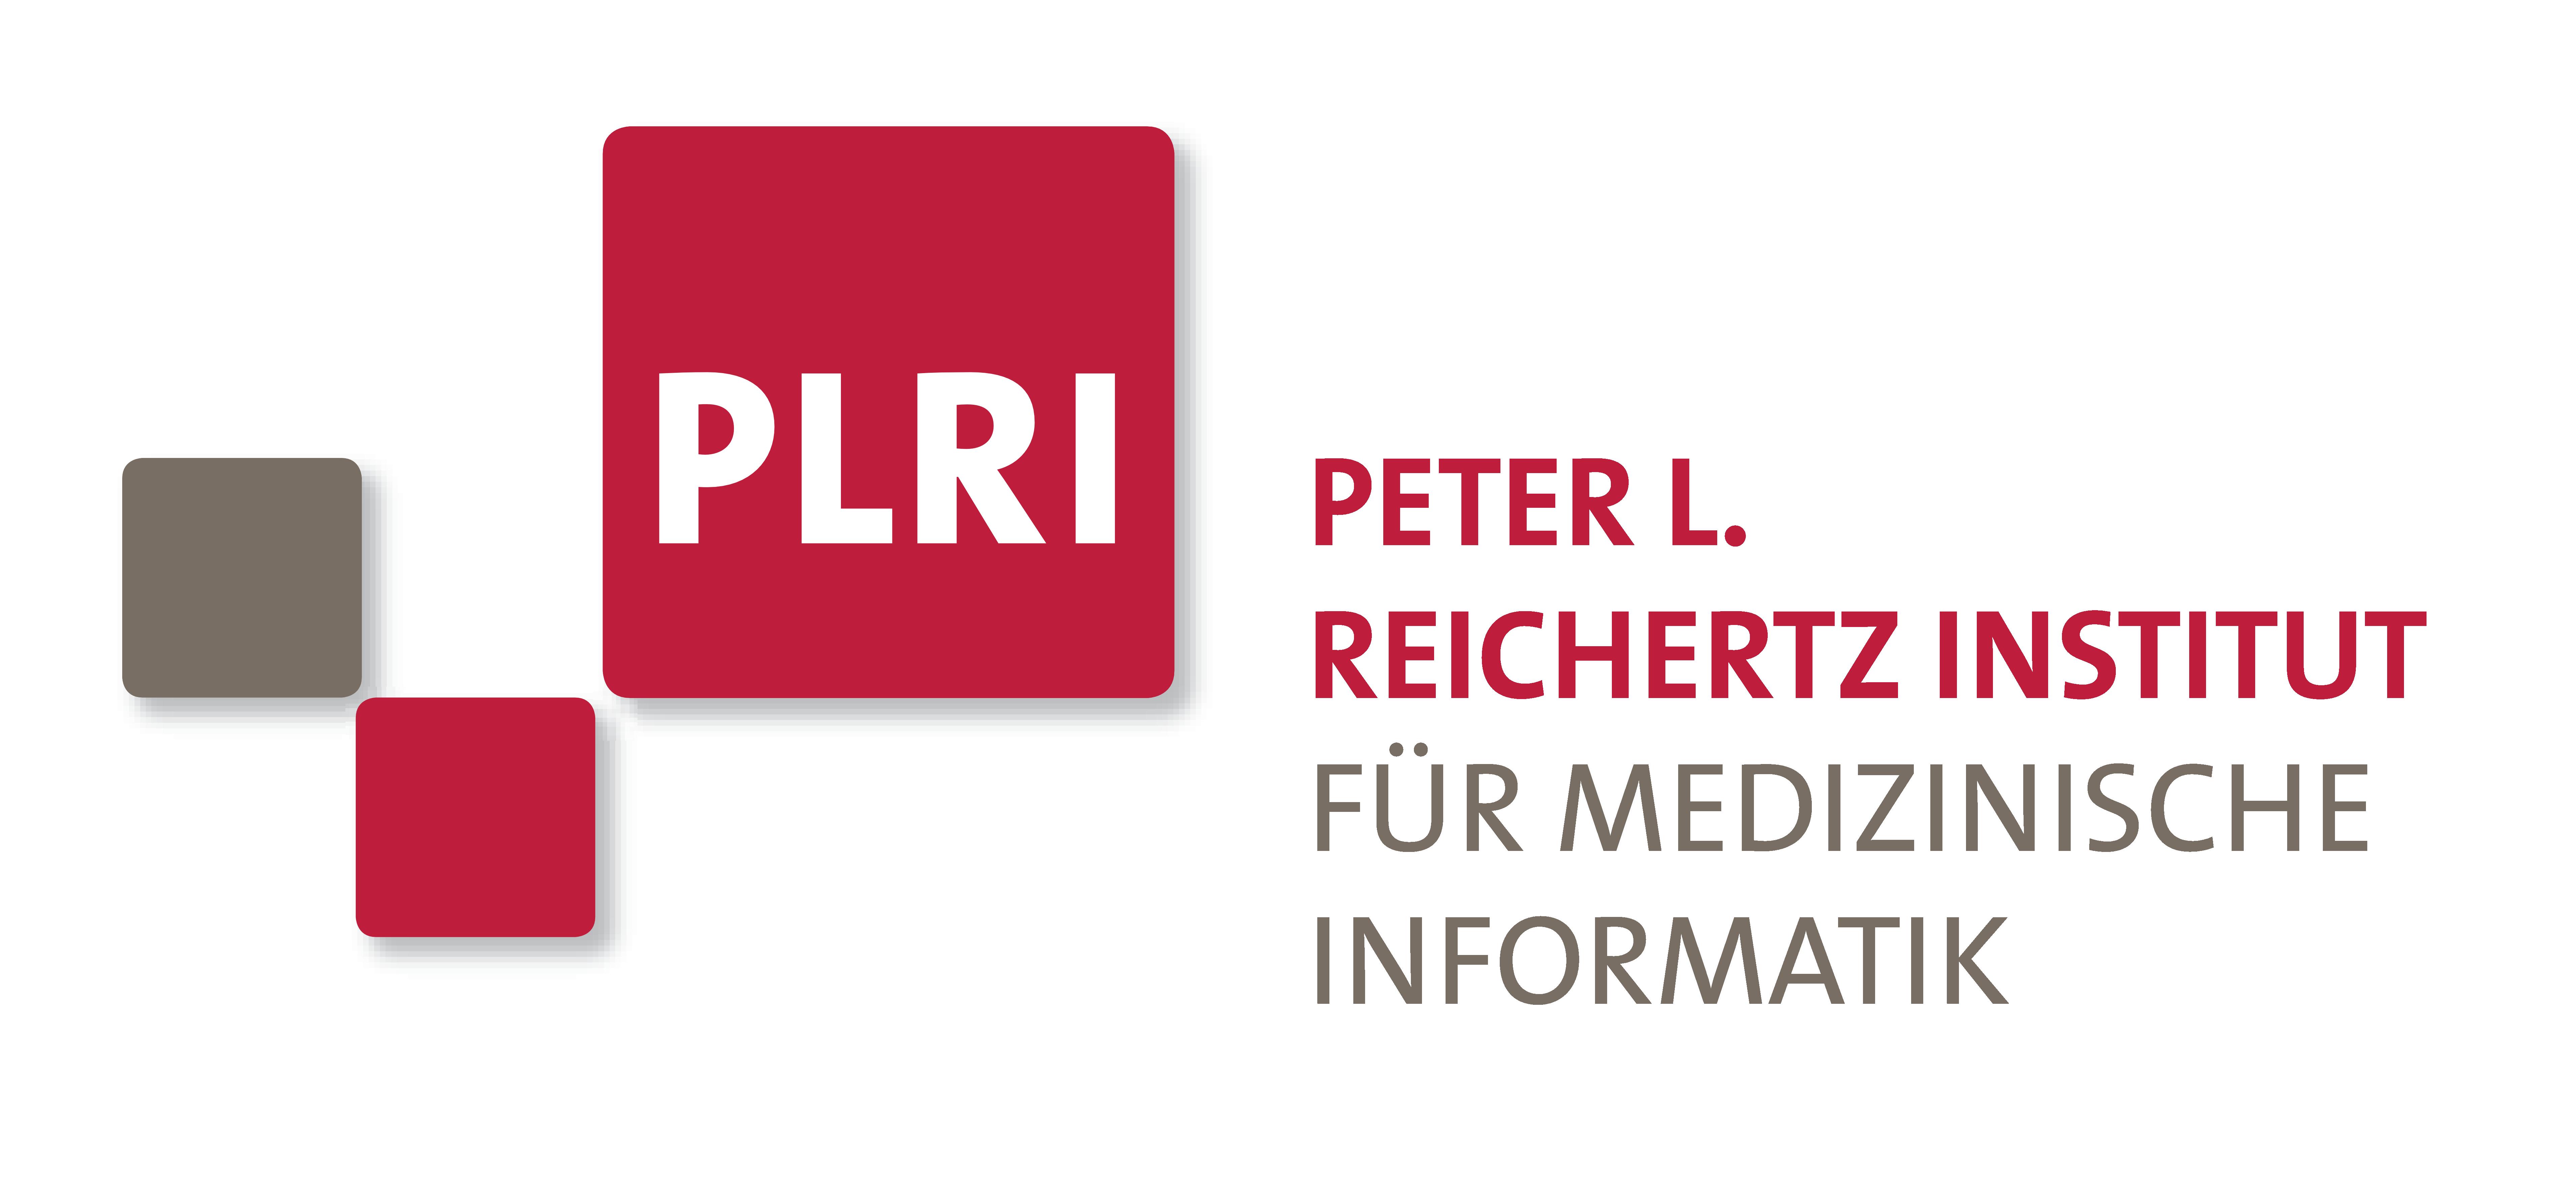 Peter L. Reichertz Institut für Medizinische Informatik: PLRI